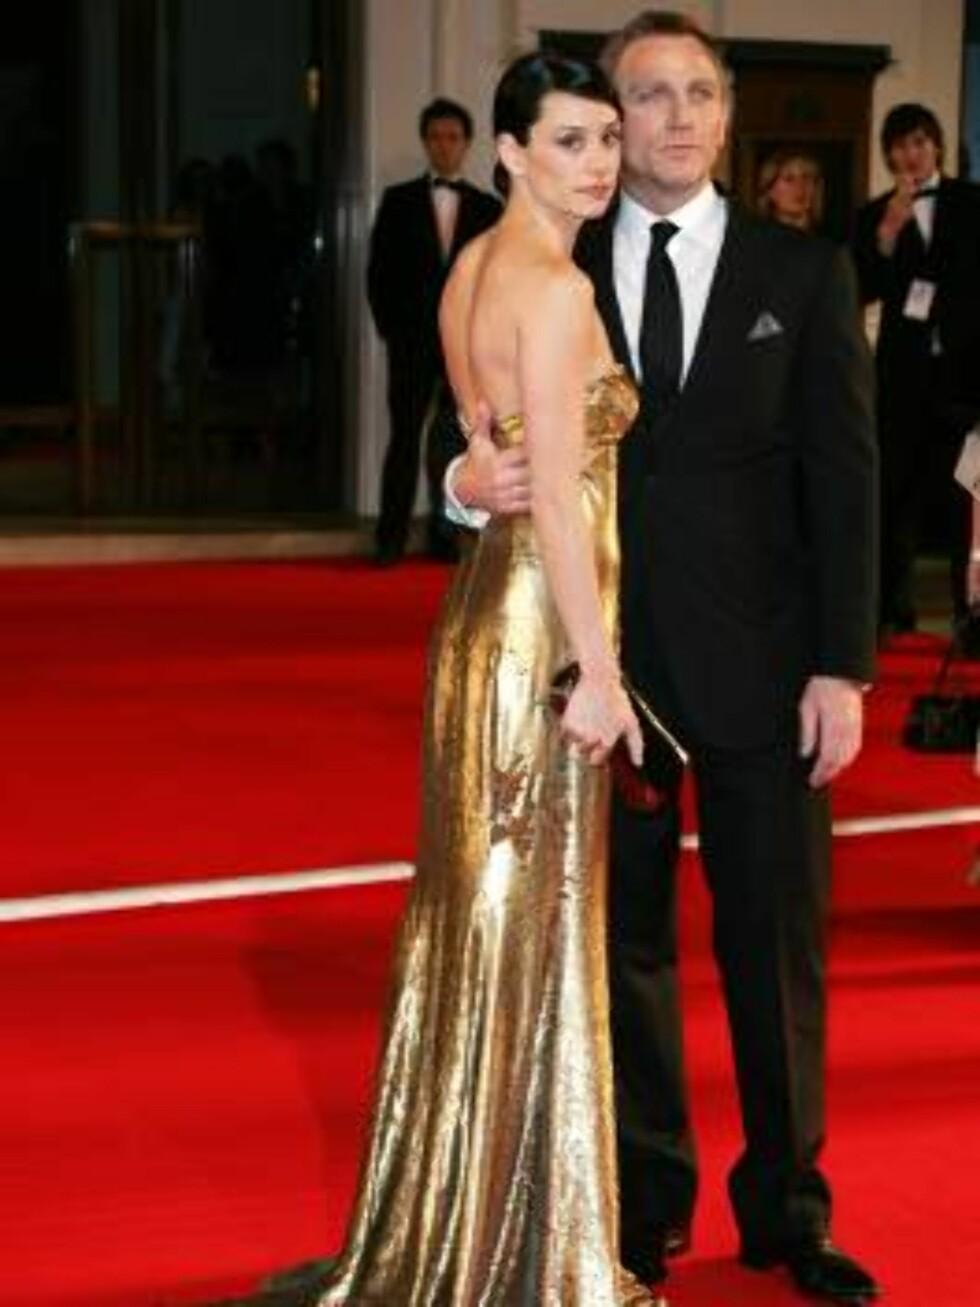 OGSÅ Daniel Craig har god grunn til å være stolt av sin kjære Satsuki Mitchell... Foto: SCANPIX